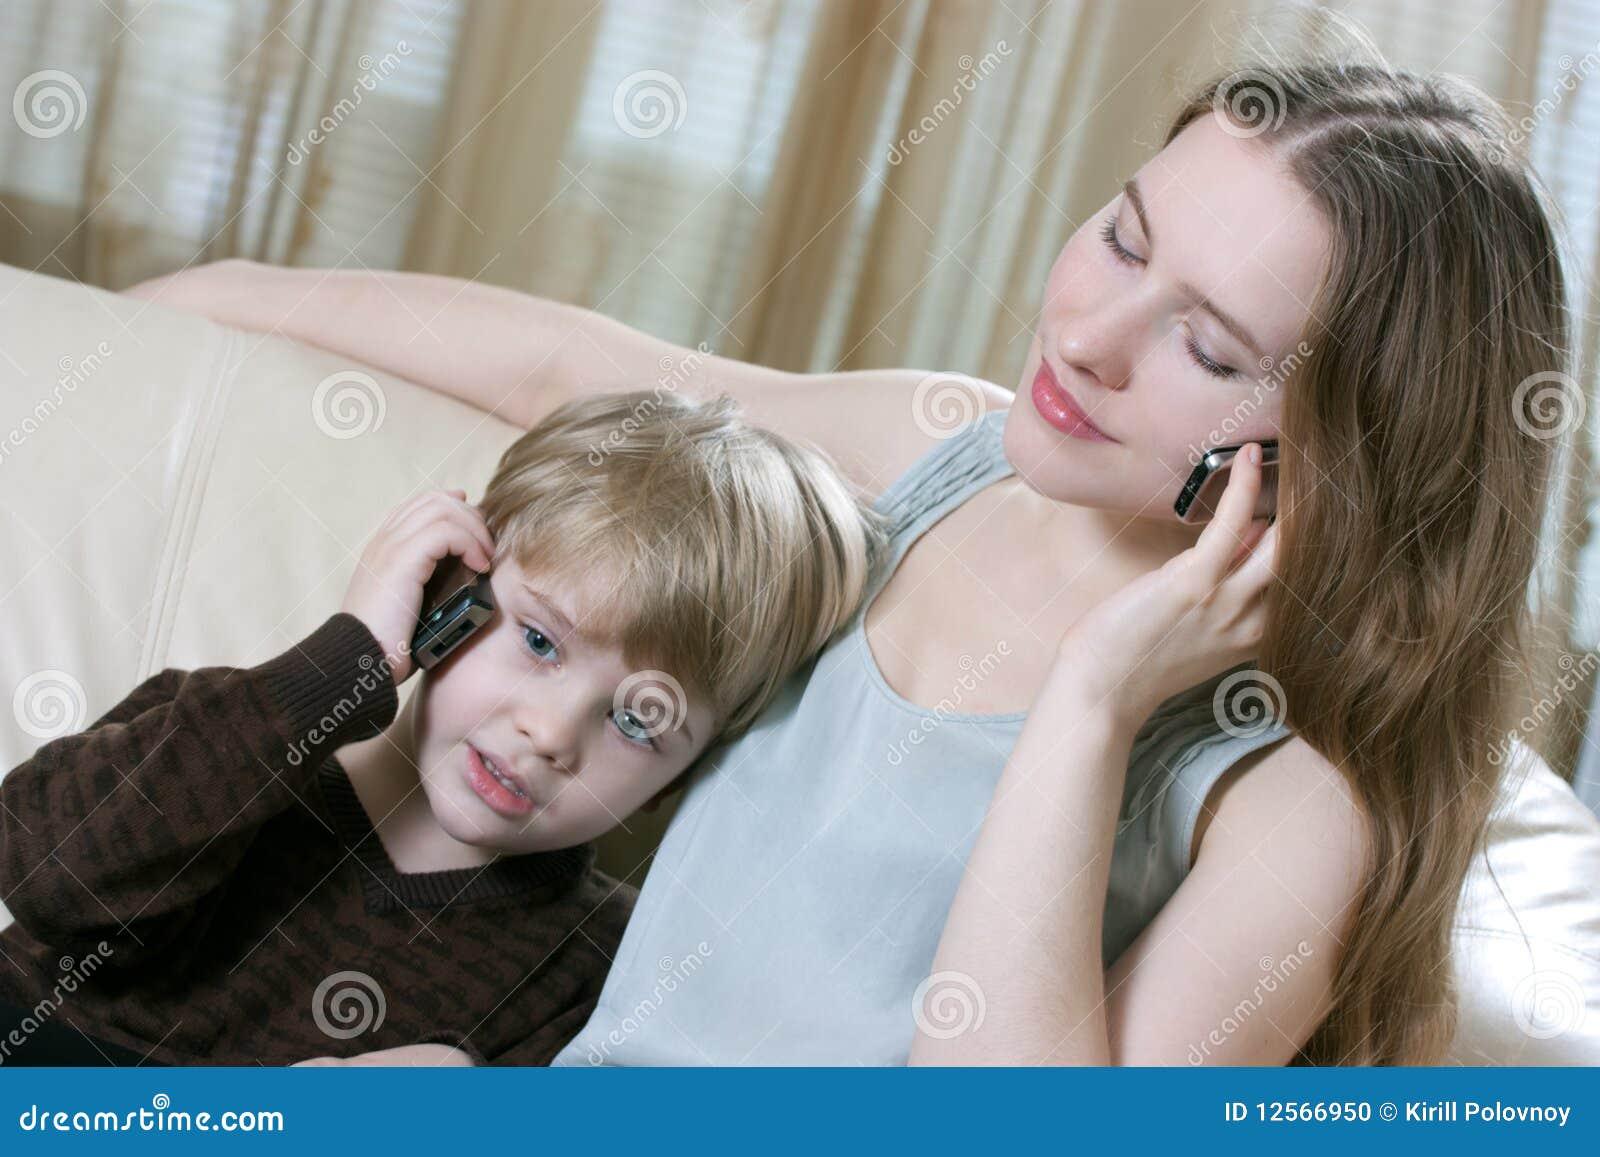 Чулки мамы возбудили сына, Ножки мамы в колготках возбудили сына 29 фотография